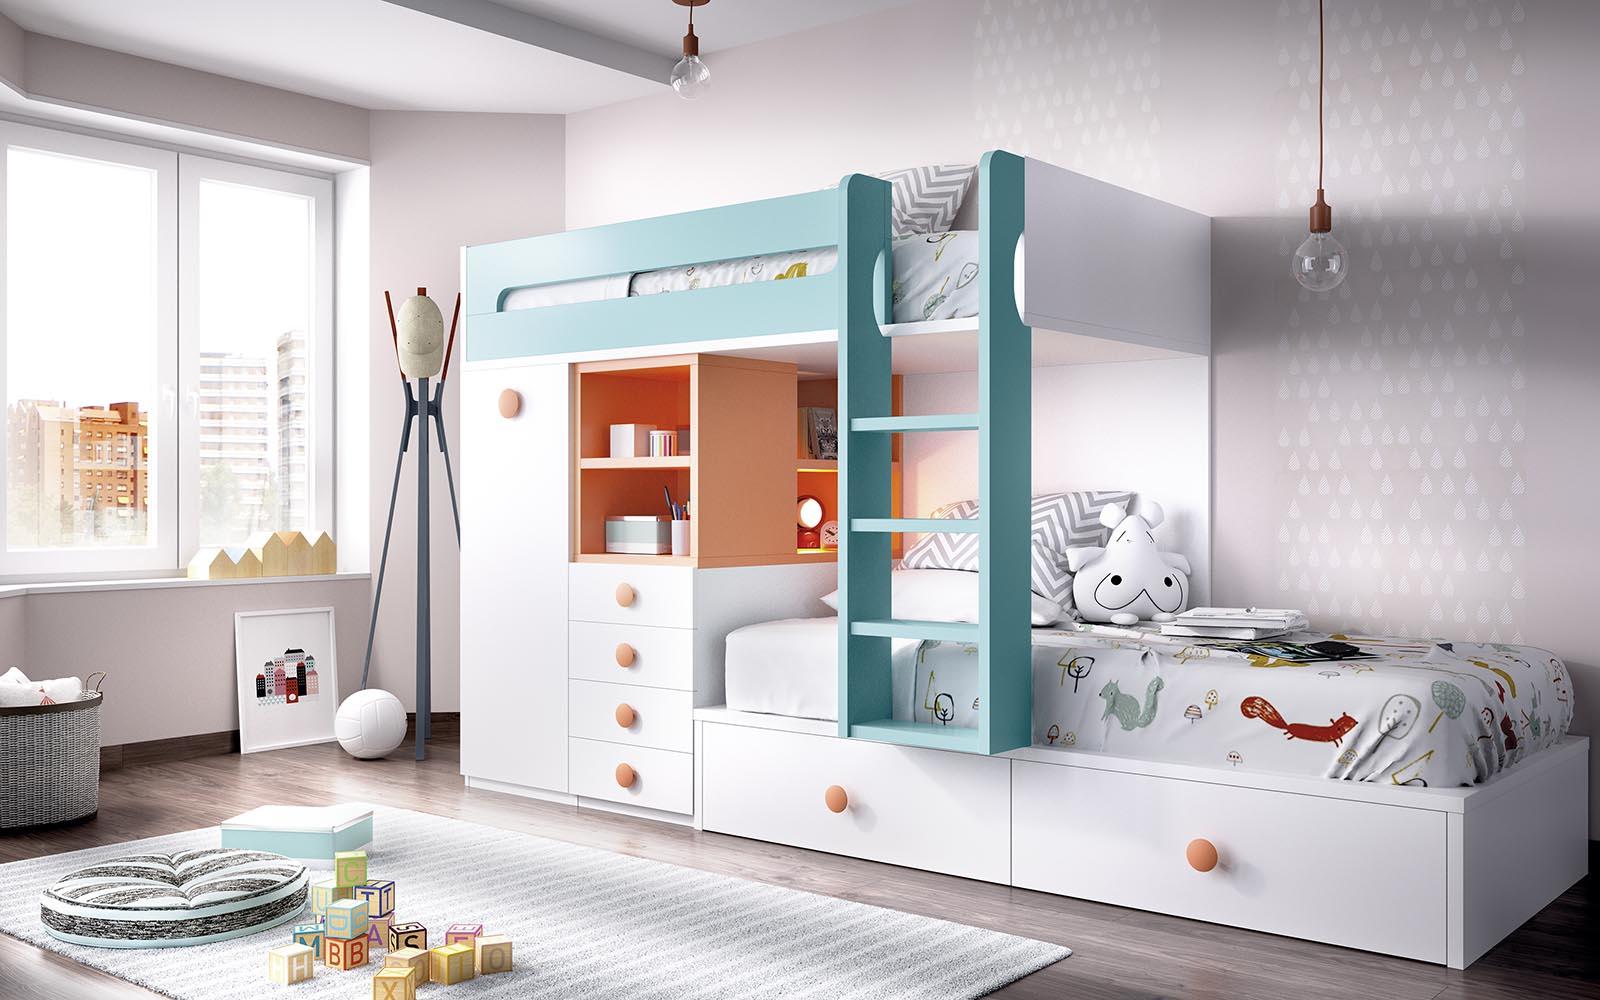 white wooden bunk bed with turquoise stairs, white wooden with orange details, pano kato krevati me extra xoro sto kato meros tou krevatiou,